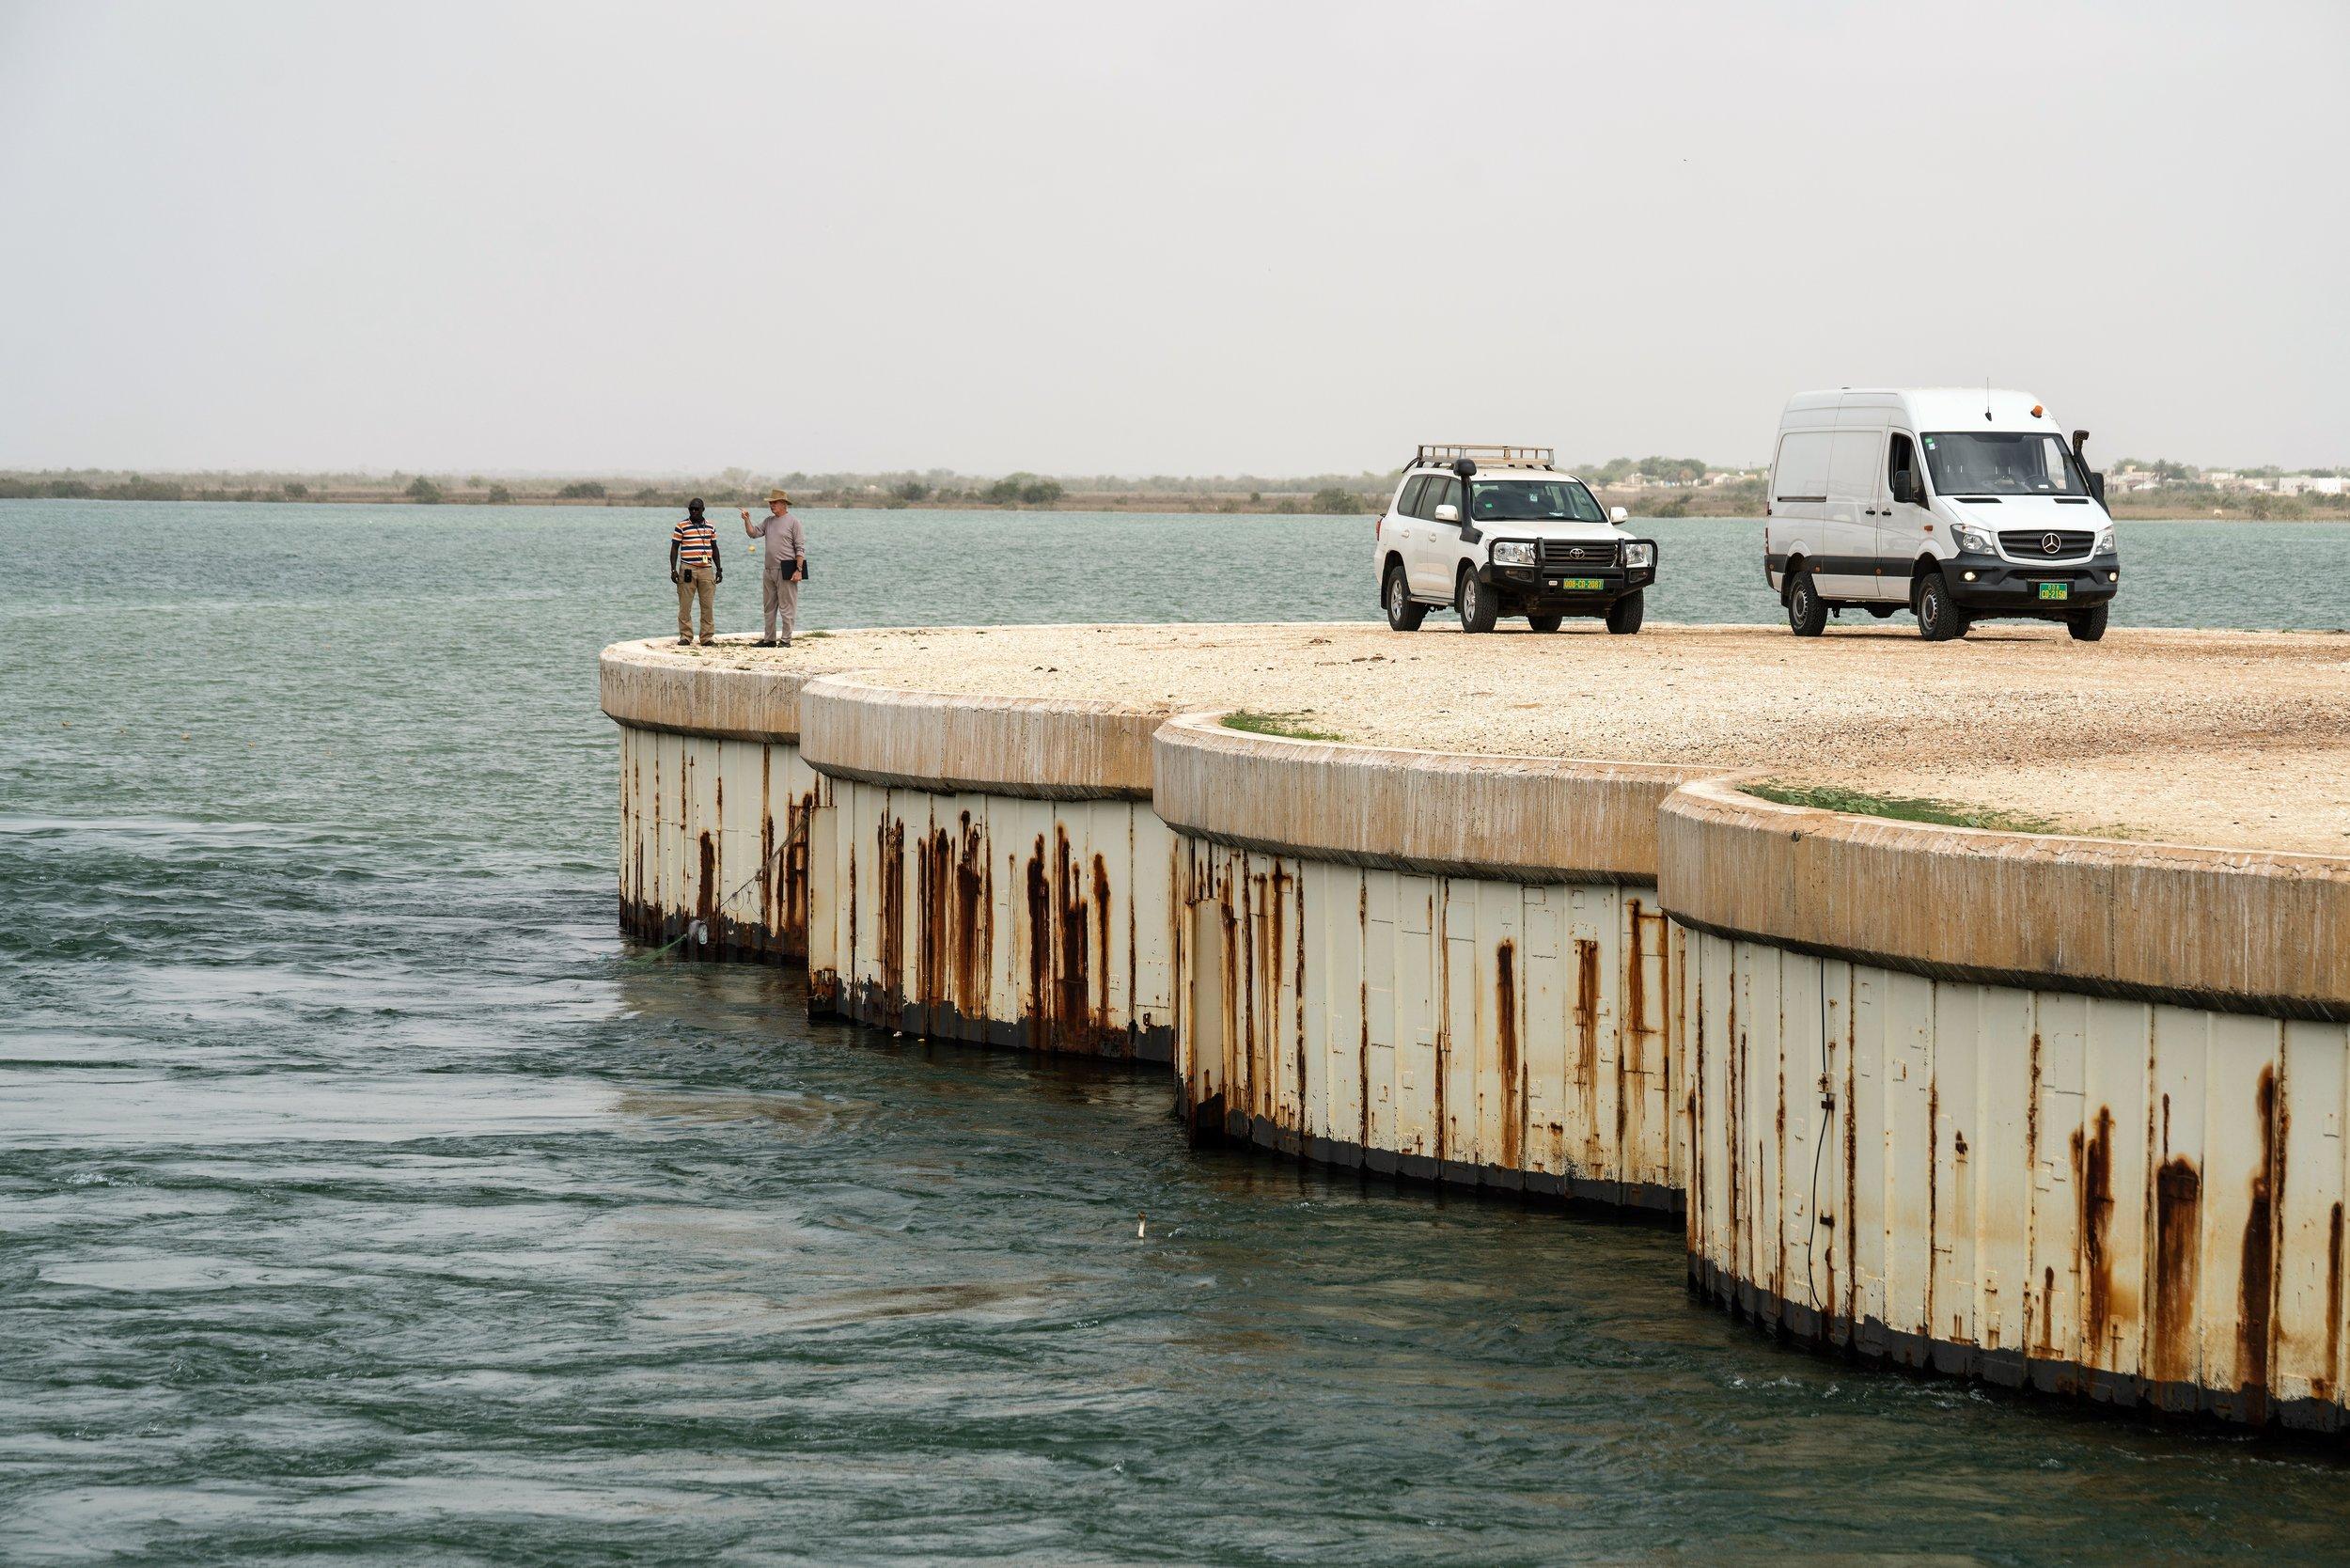 29-Senegal-overland-19.jpg